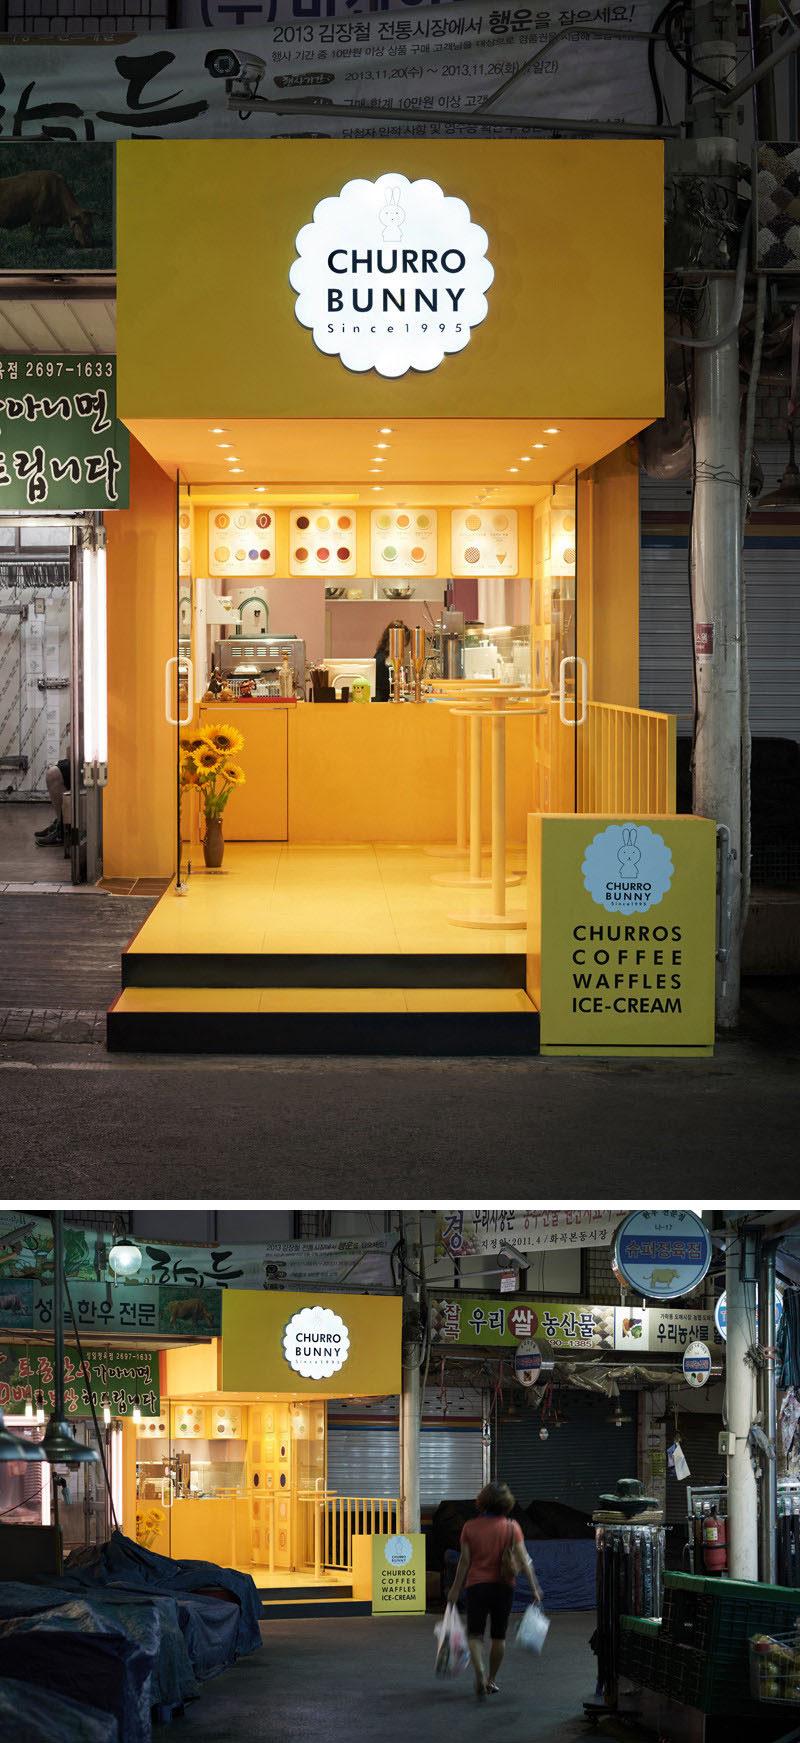 10 cửa hàng cà phê độc đáo ở Châu Á / Thiết kế studio M4 đã thiết kế Churro Bunny, một quán cafe hấp dẫn sáng sủa và hấp dẫn ở Seoul, Hàn Quốc, nổi bật với phần còn lại của tòa nhà trên đường phố và thêm một màu vàng kỳ diệu của khối.